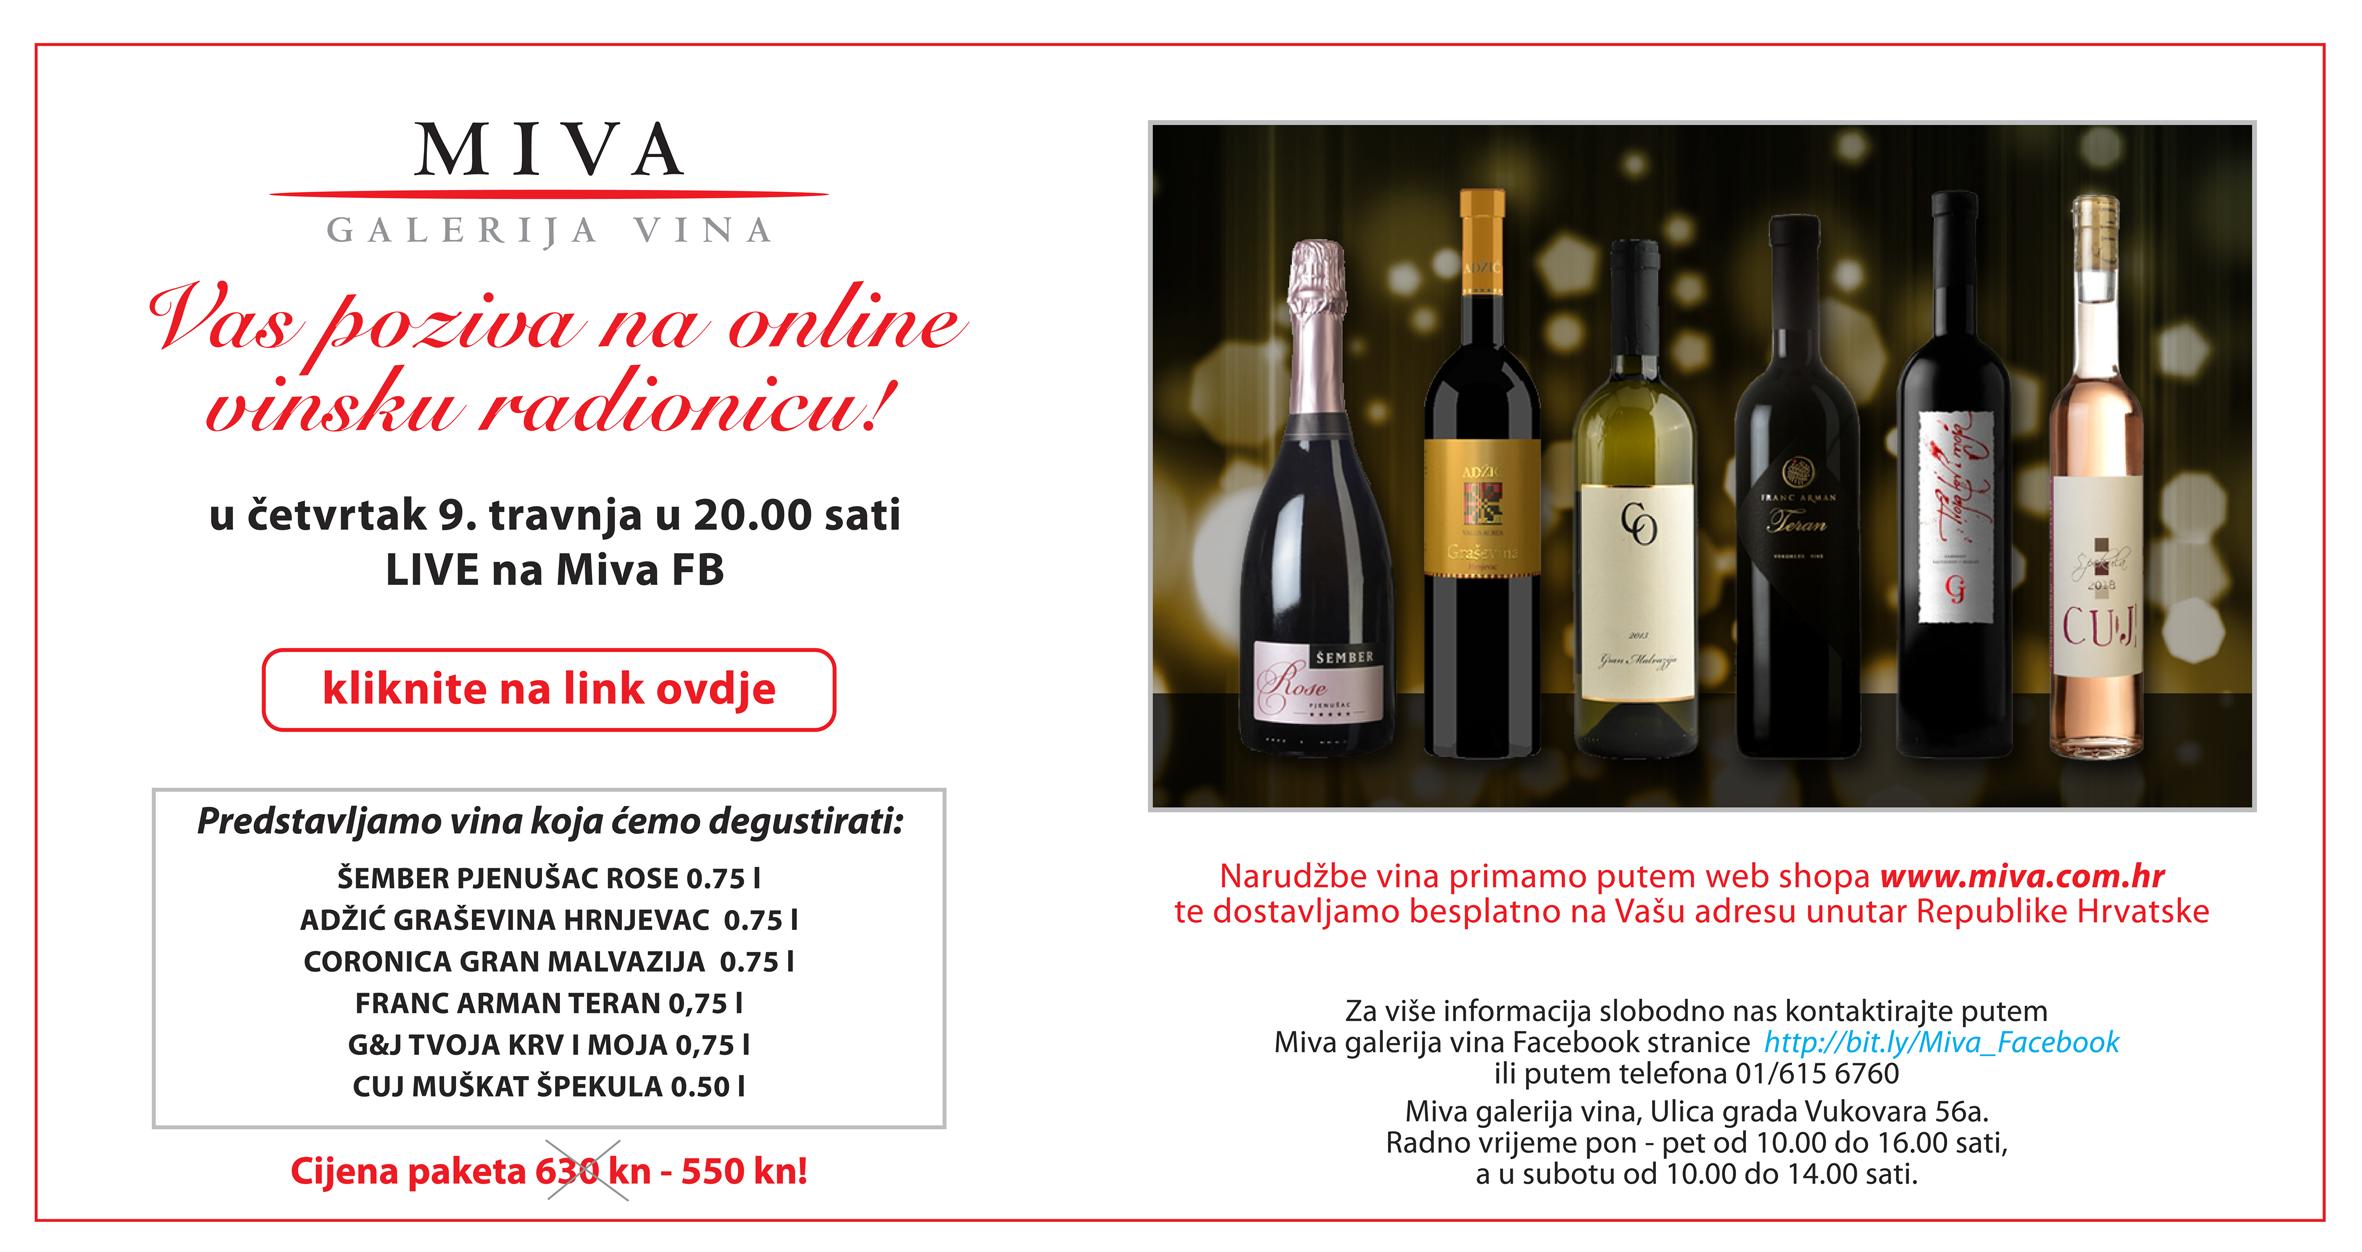 MIVA online wine workshop / tasting - Episode 1